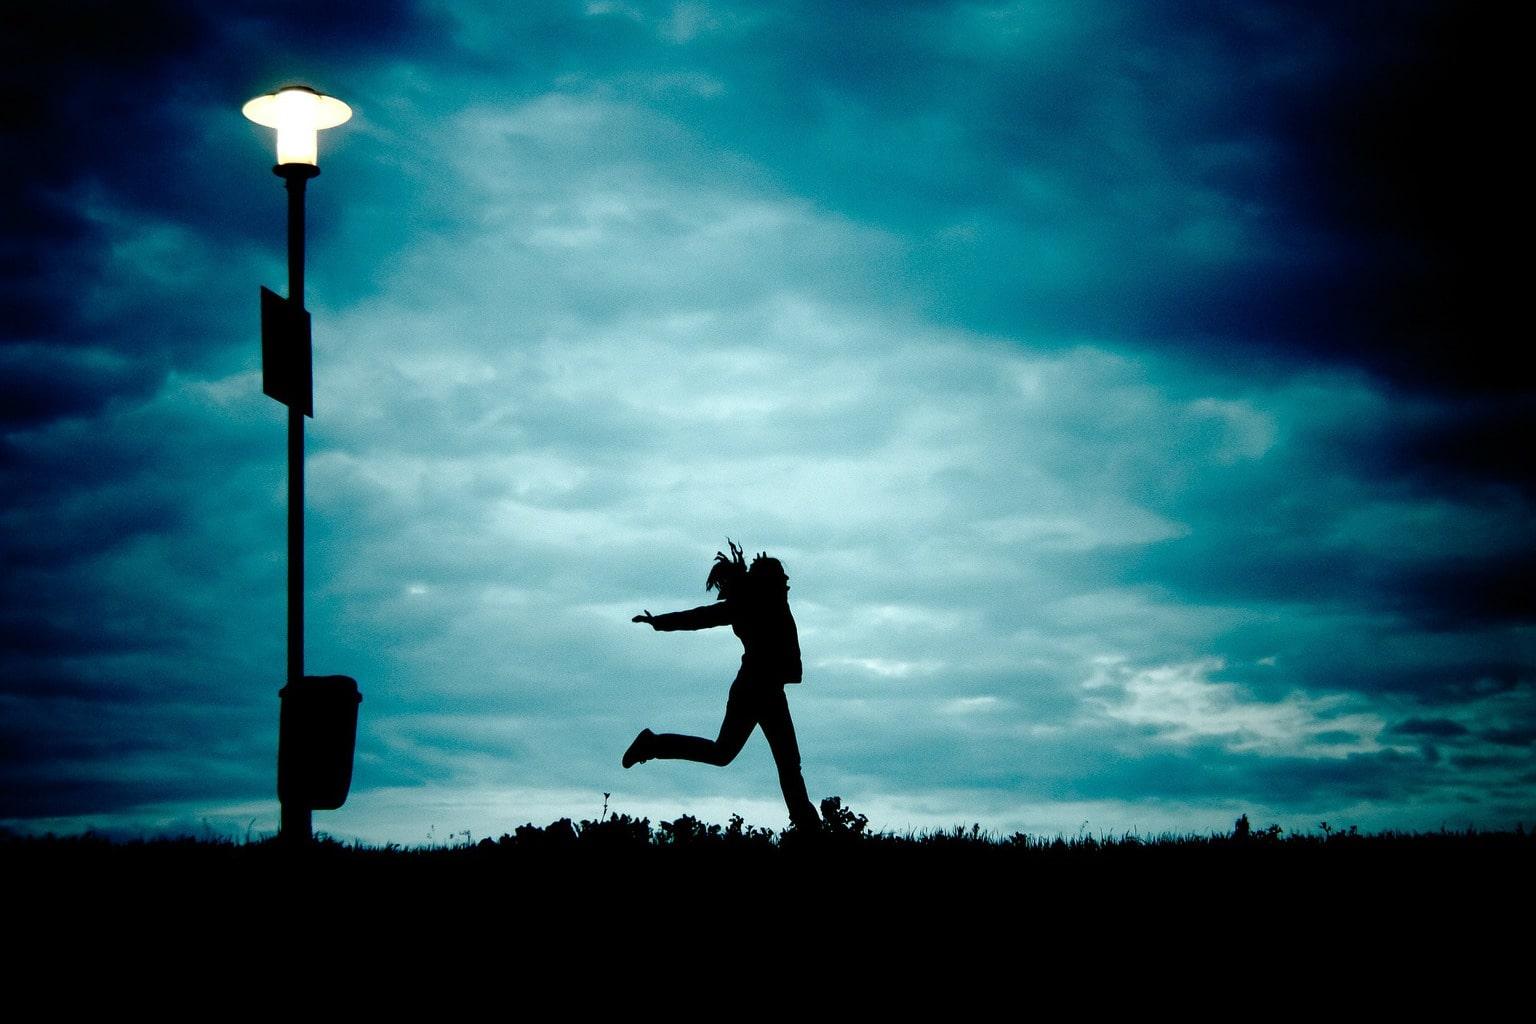 fotografía móvil una chica corriendo